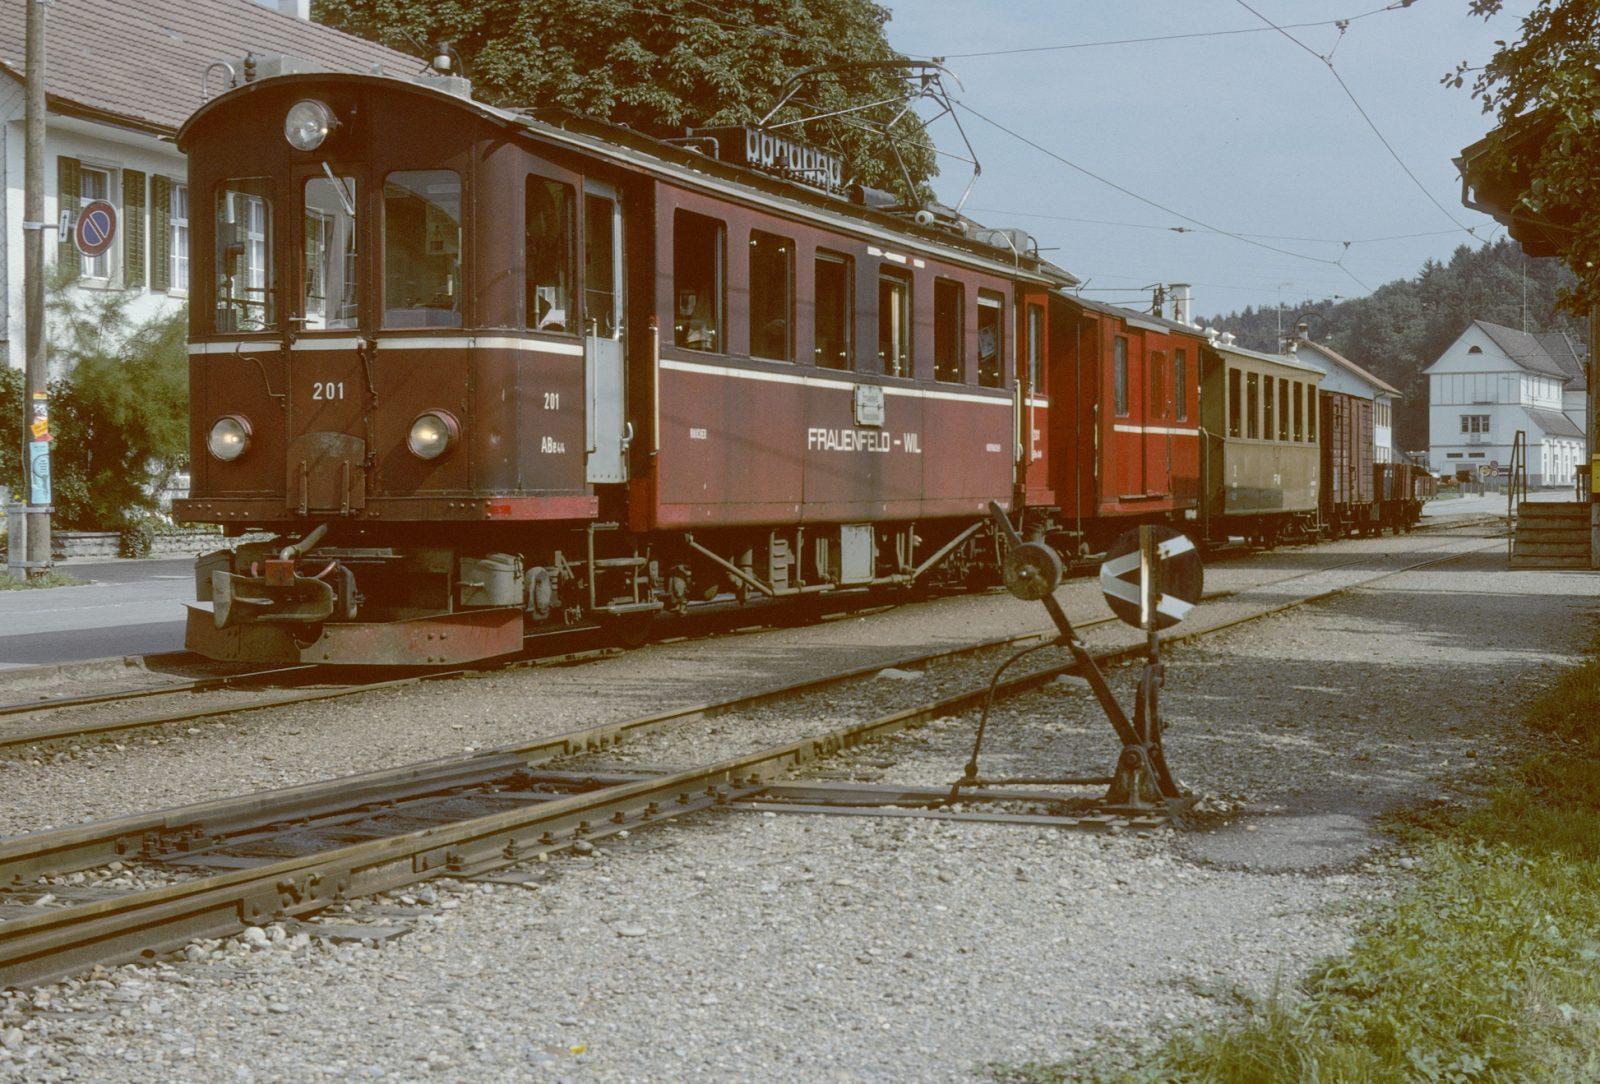 Frauenfeld Will Bahn roter Triebwagen